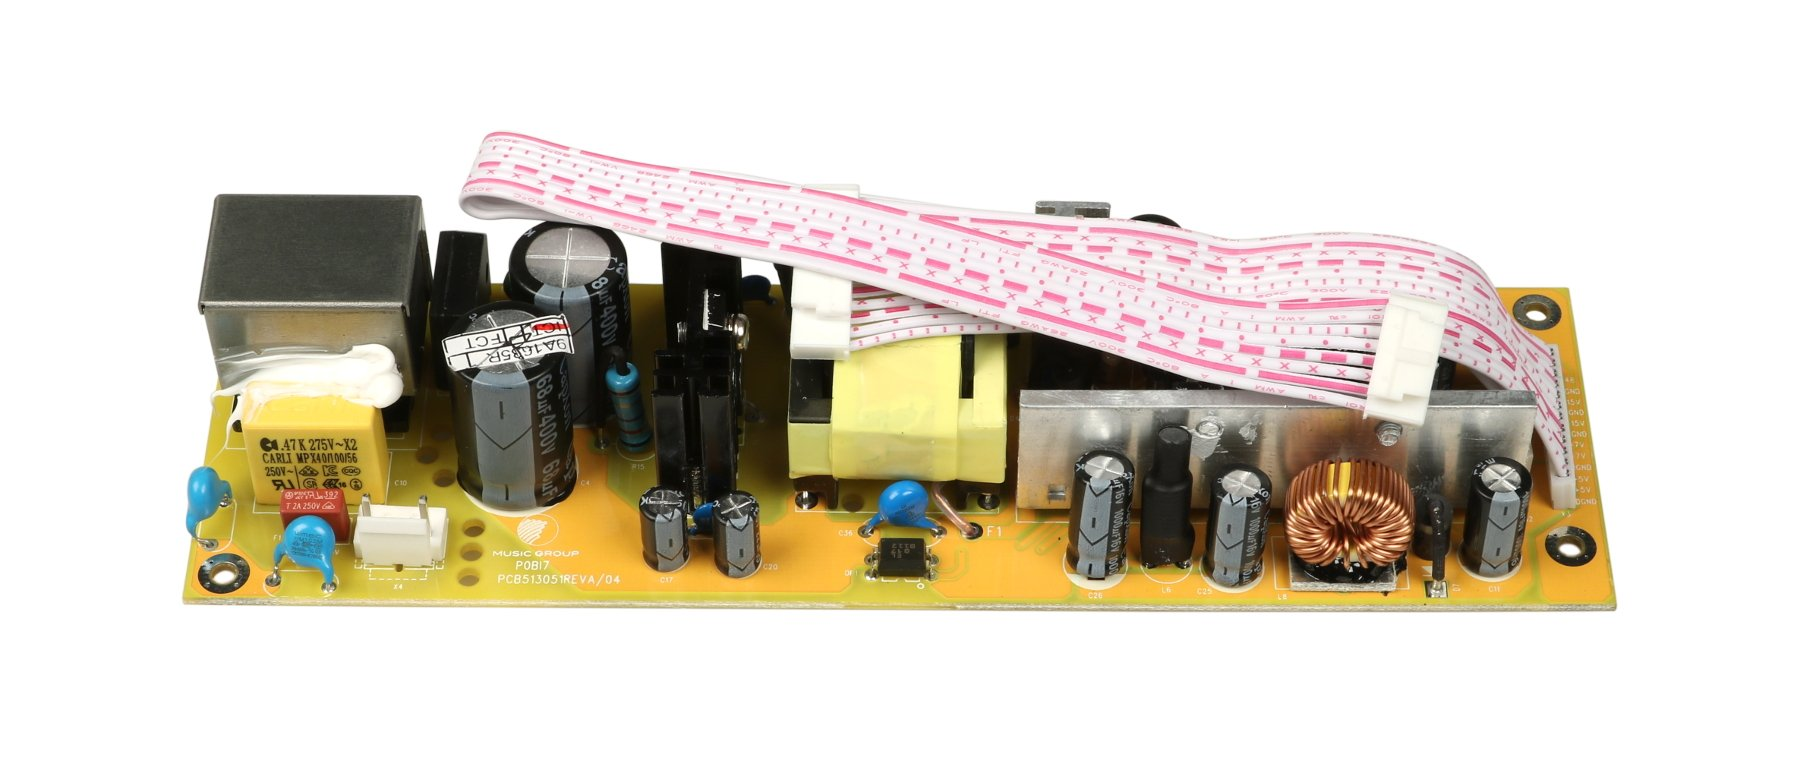 Behringer Q05-BI704-00101  Power Supply PCB for XR12 Q05-BI704-00101